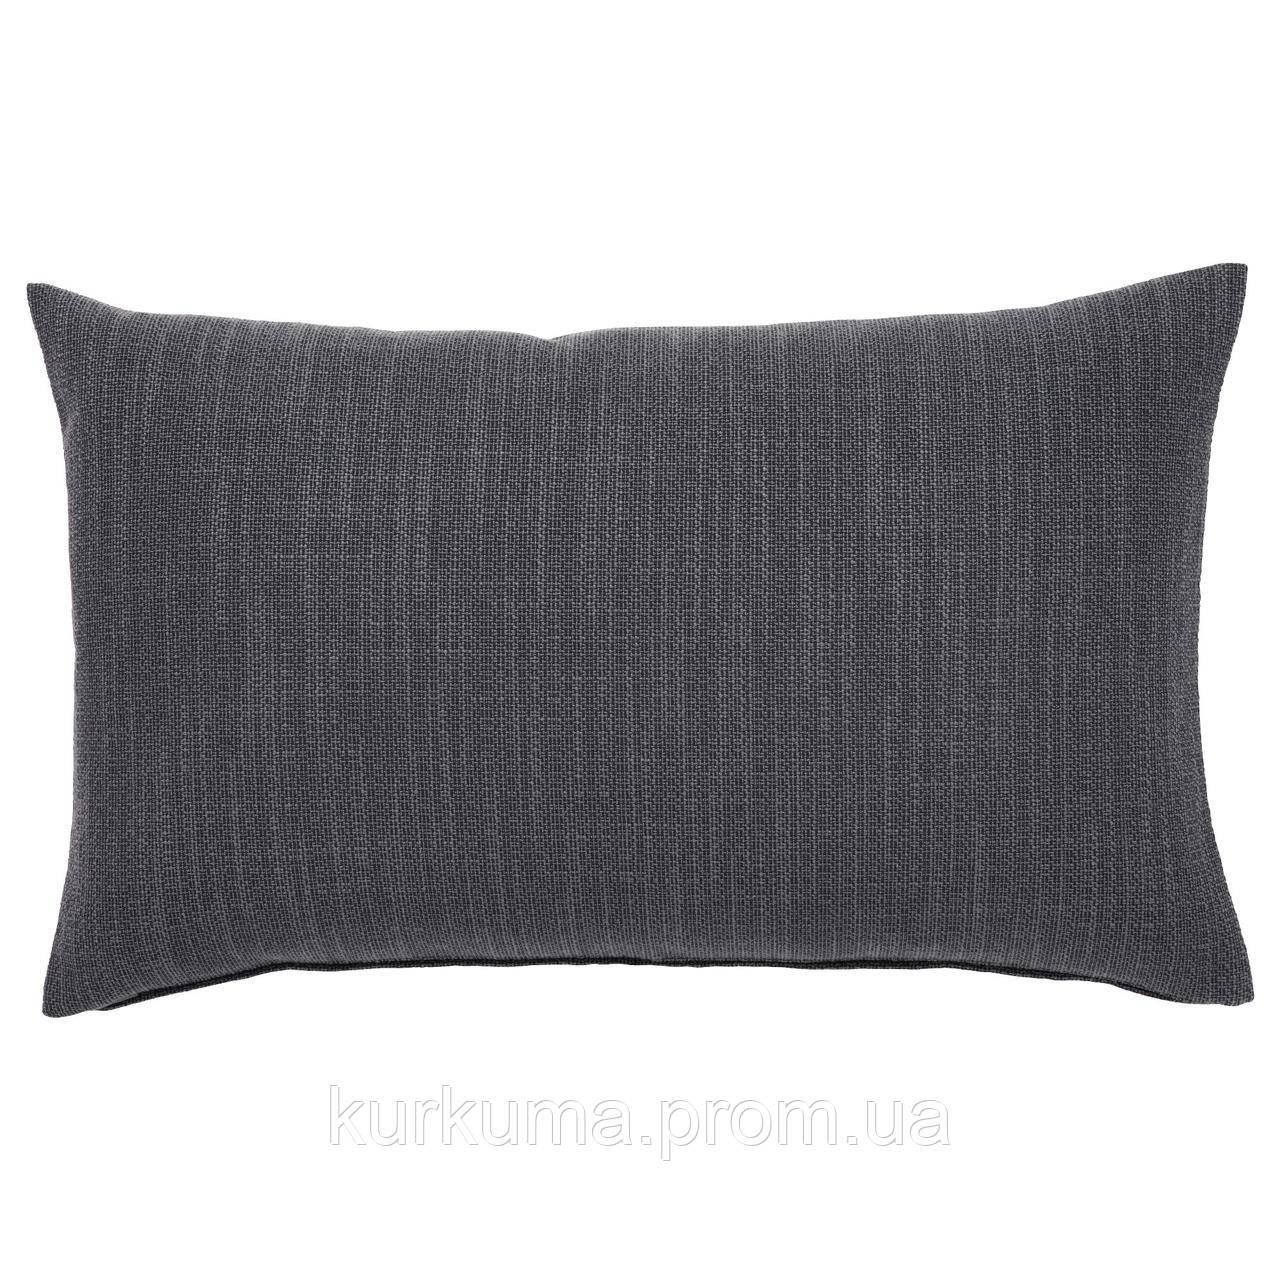 IKEA HILLARED Наволочка на декоративную подушку, антрацит  (603.623.76)